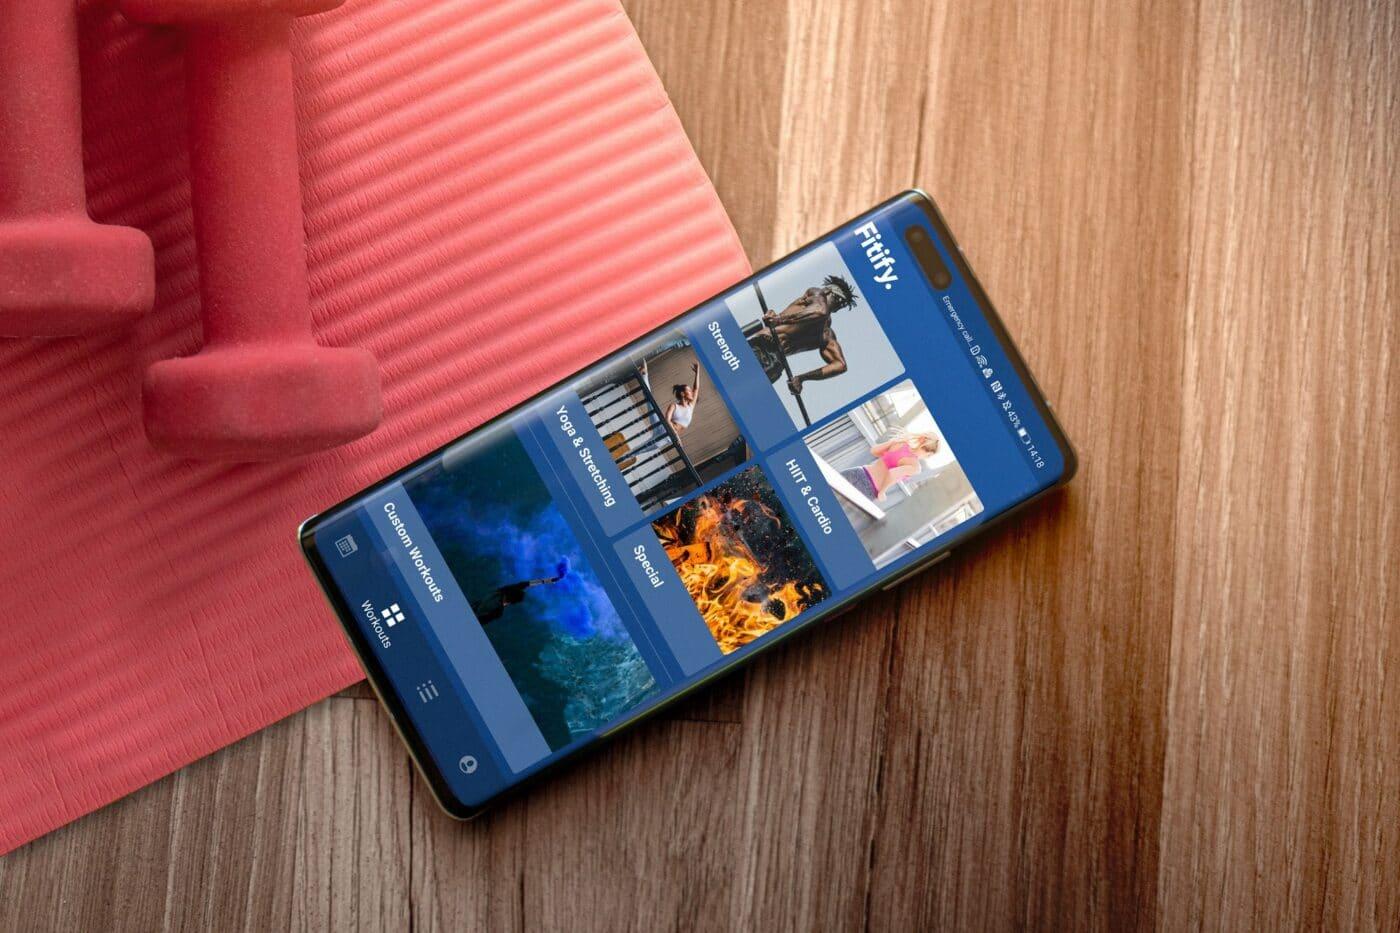 Prva fitness aplikacija trece strane na Huawei nosivim uredajima 1